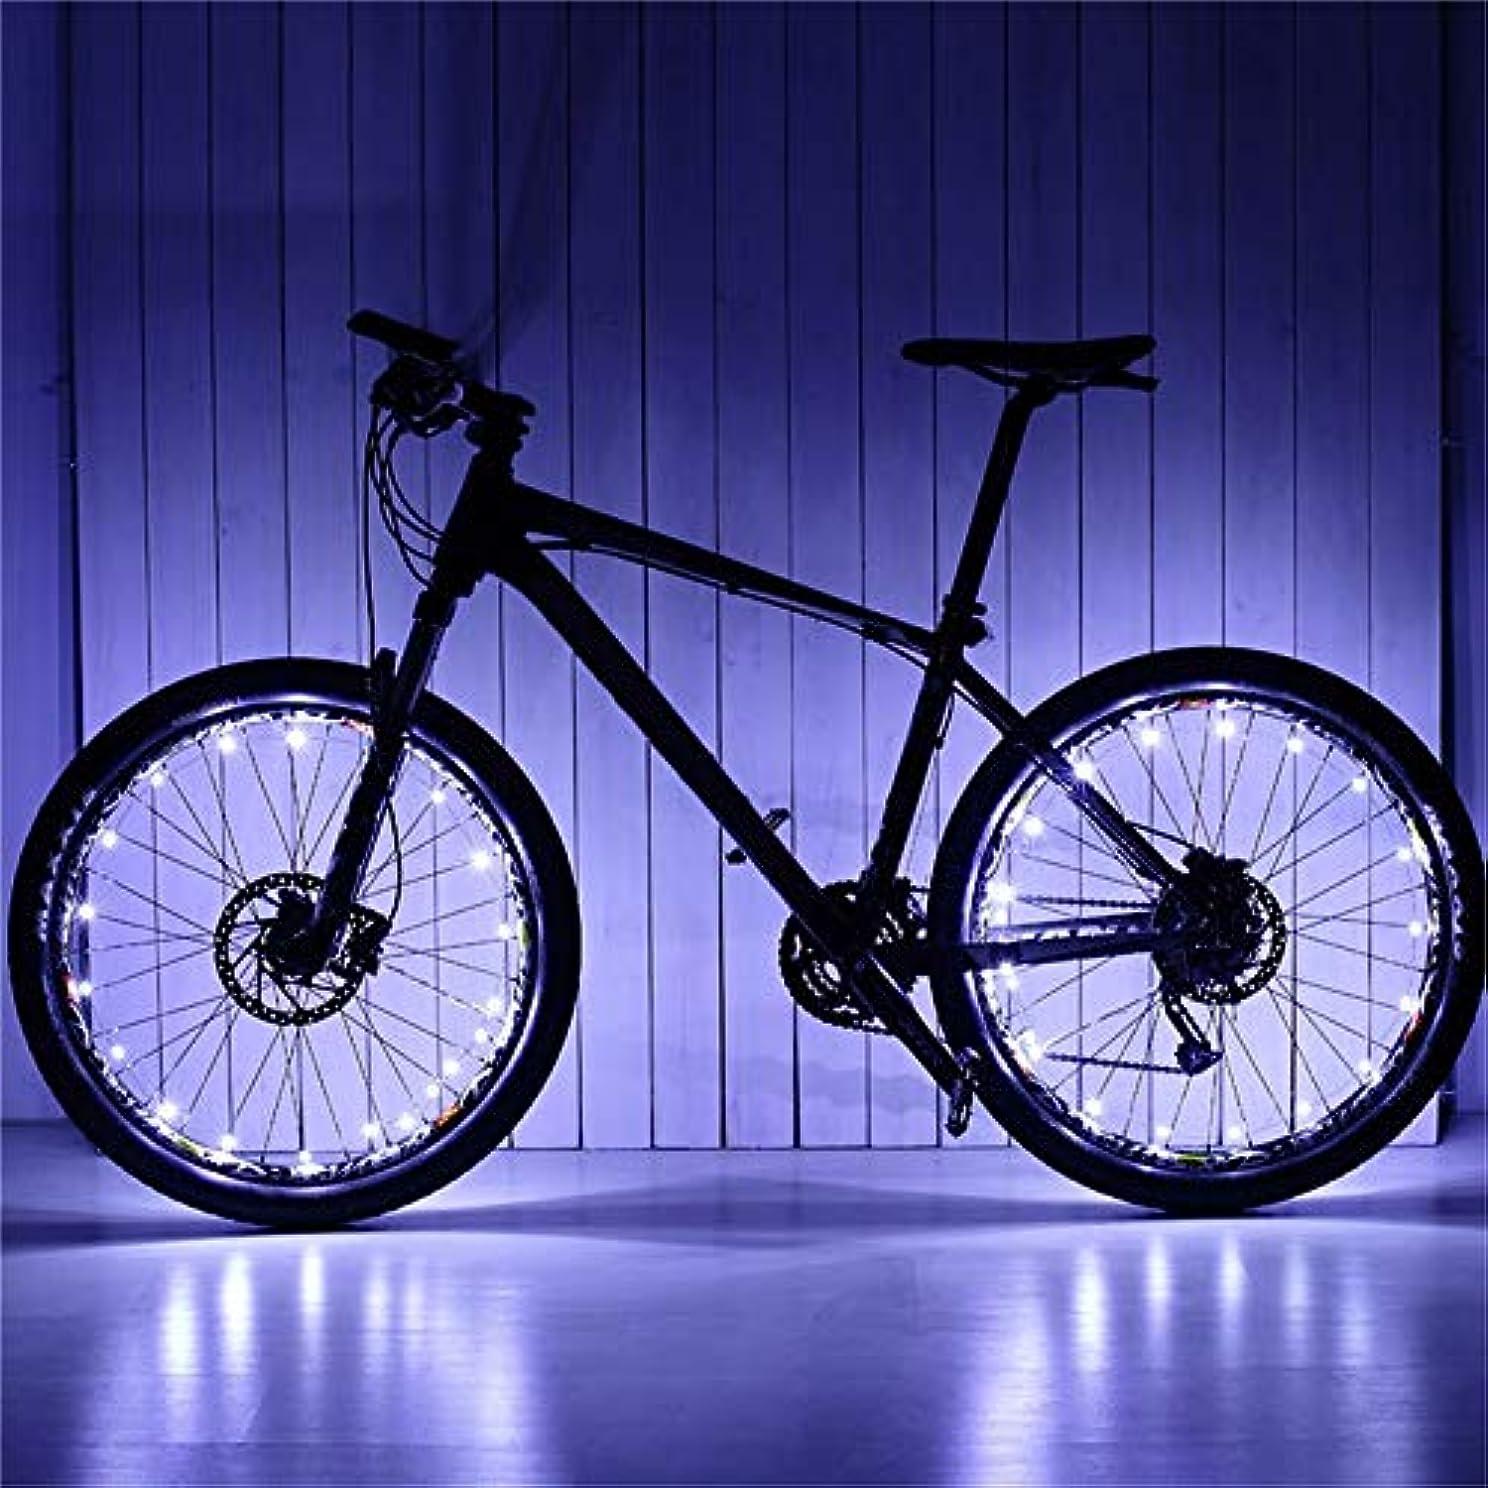 改善するストレンジャー傾向西 サイクリングスポークライト 20 led バイク 自転車 タイヤホイールバルブ 点滅防水 bicicleta ランプ 安全警告灯 スポークライト